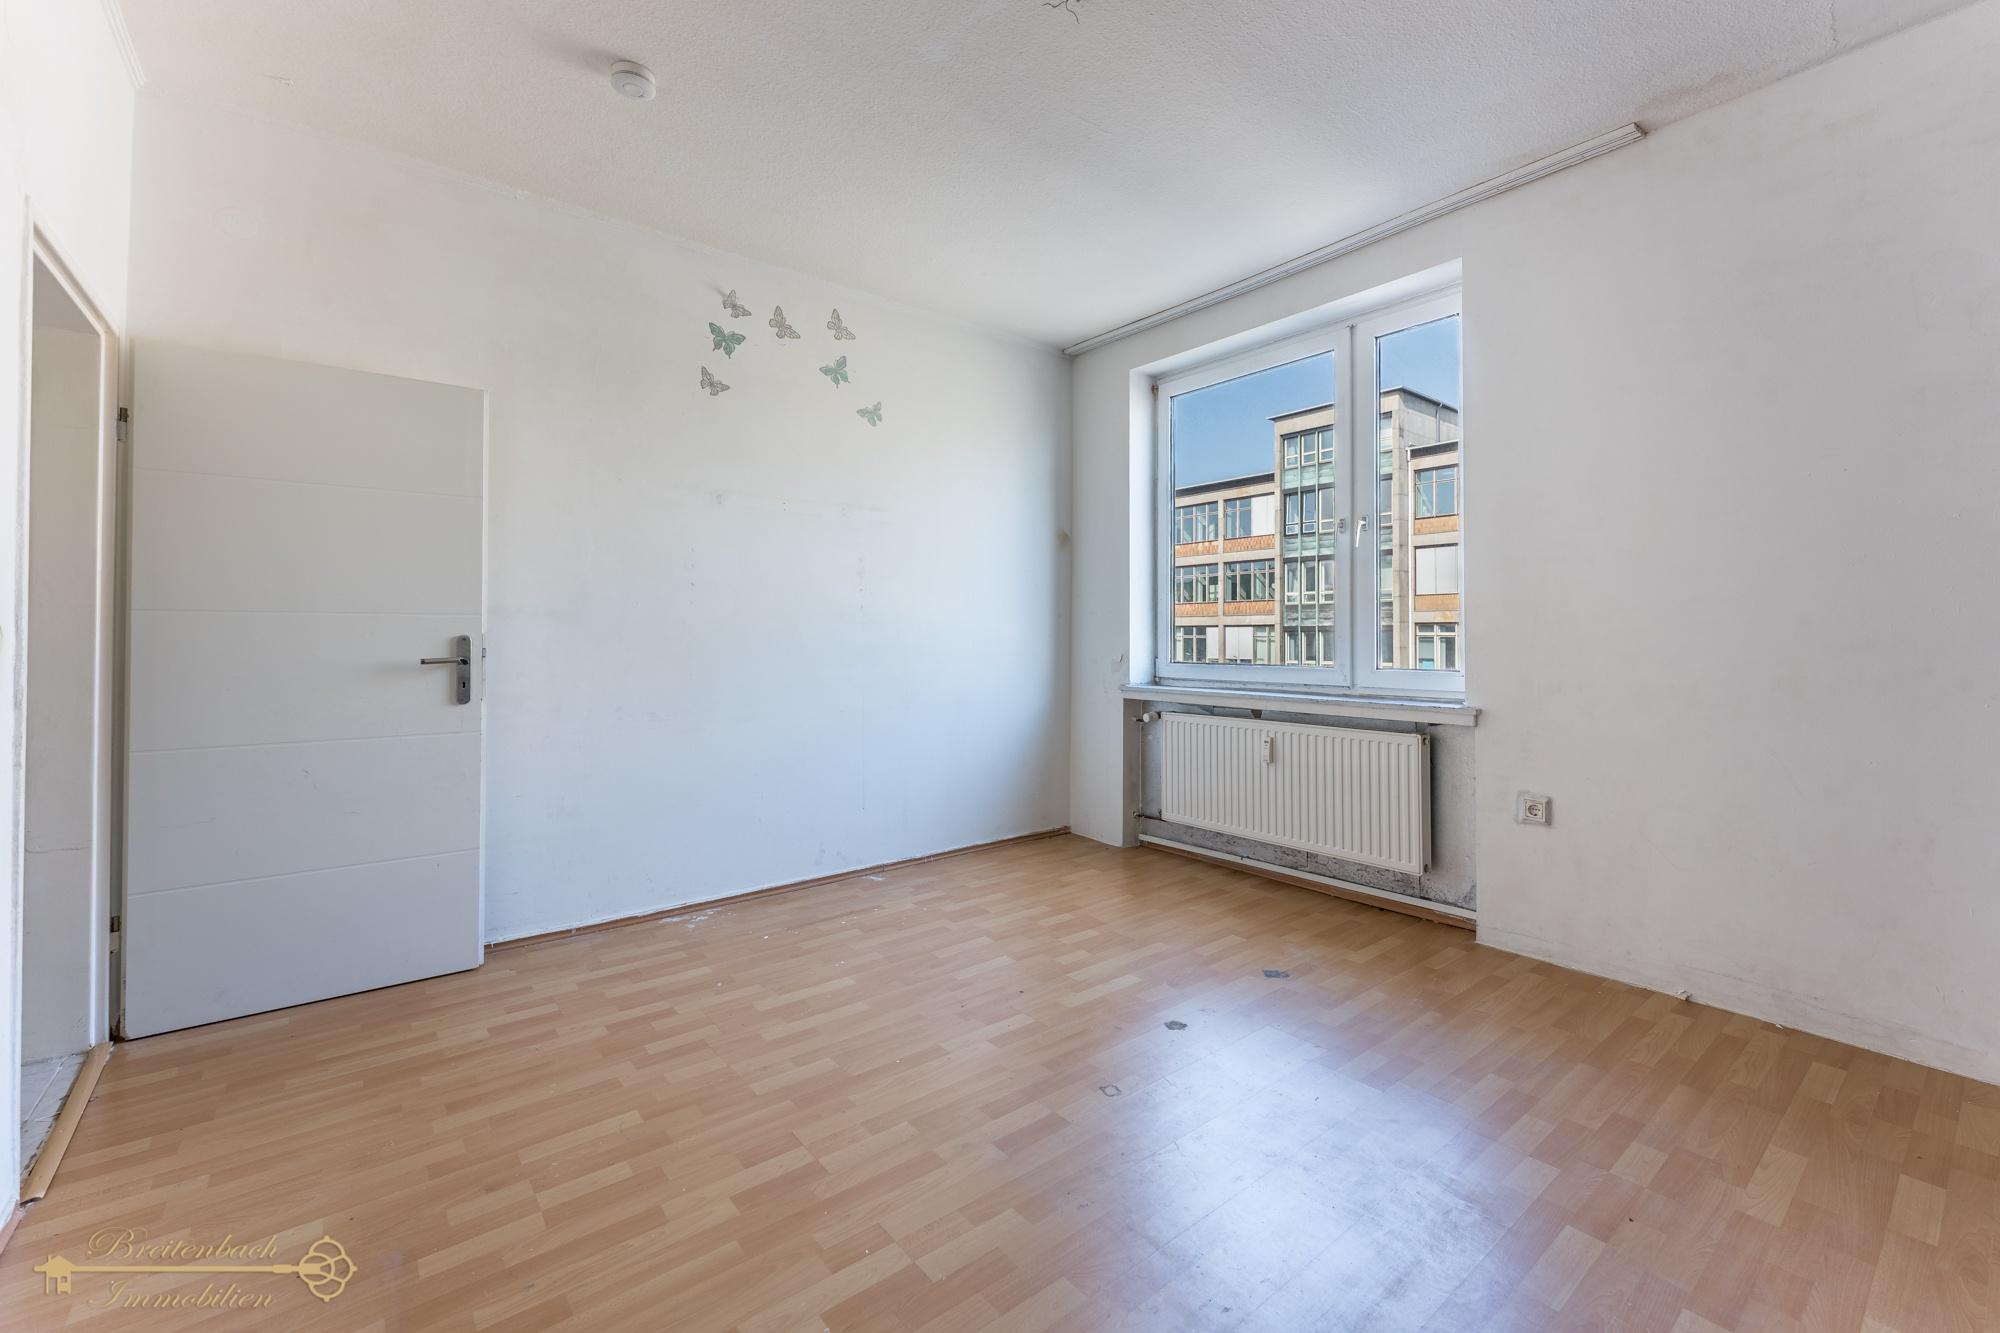 2021-03-25-Breitenbach-Immobilien-Makler-Bremen-3